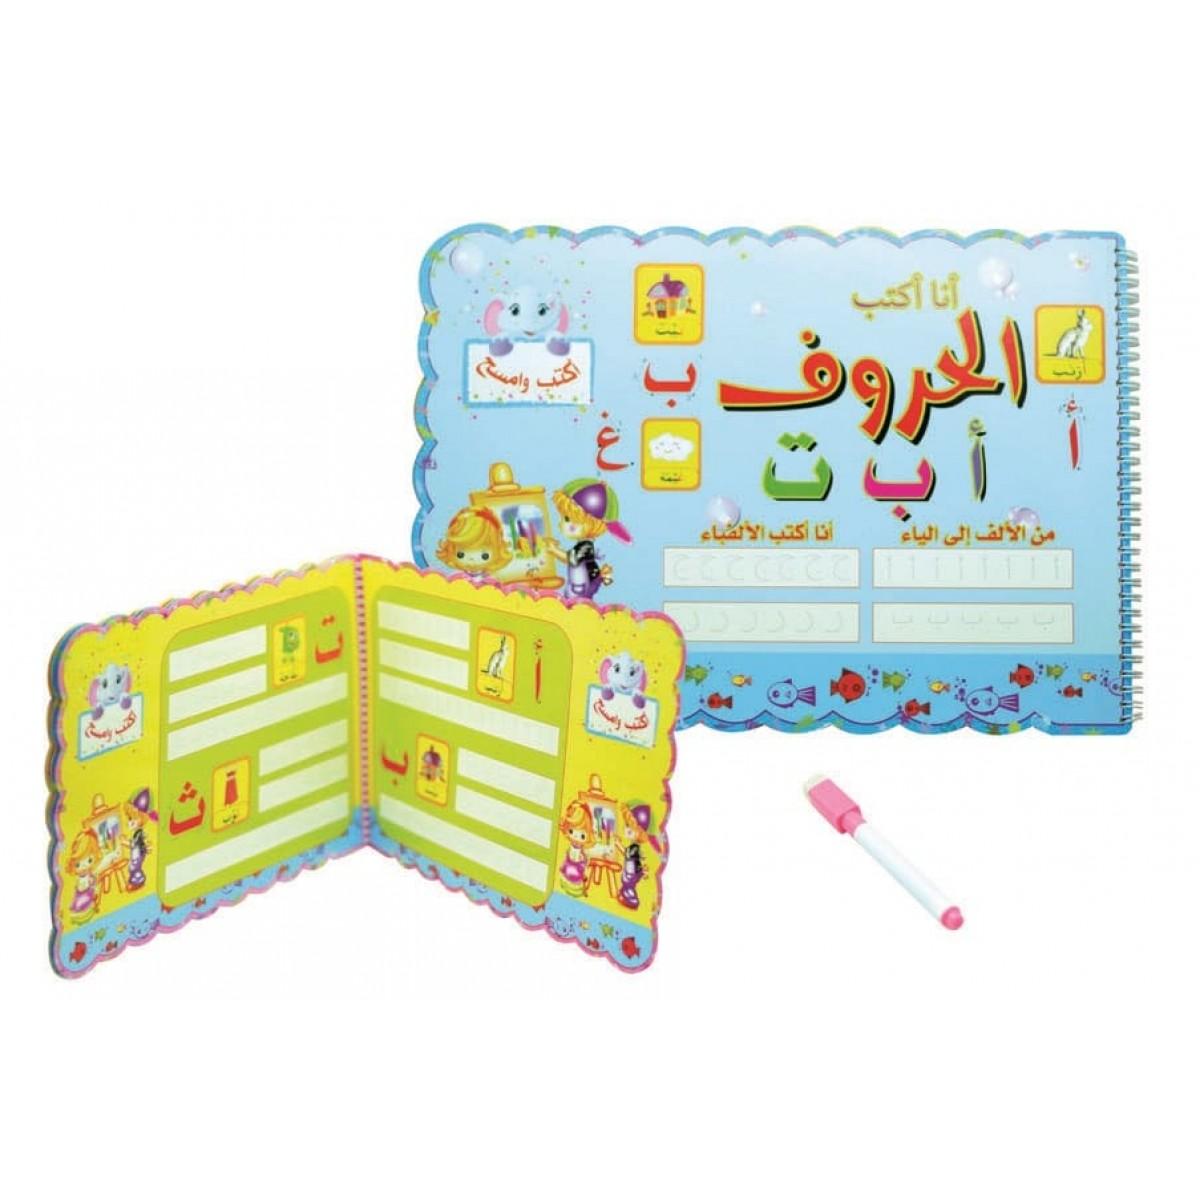 انا اكتب الحروف العربية